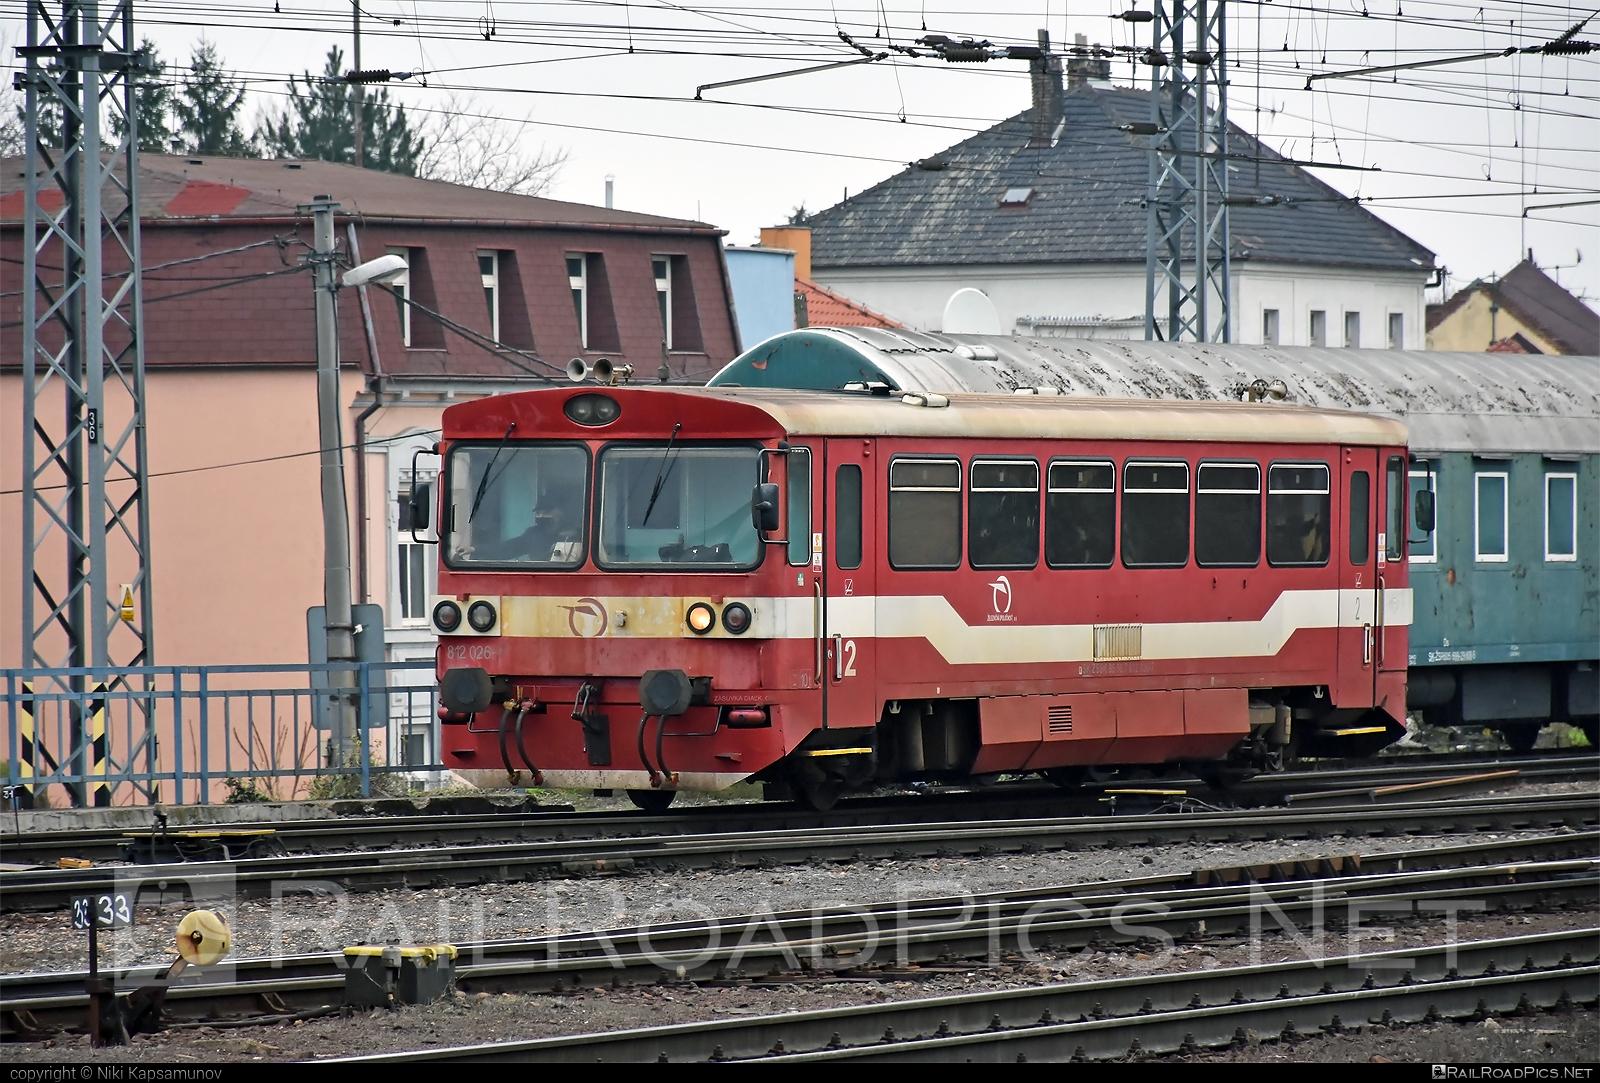 ŽOS Zvolen 812 - 812 026 operated by Železničná Spoločnost' Slovensko, a.s. #ZeleznicnaSpolocnostSlovensko #zoszvolen #zoszvolen812 #zssk